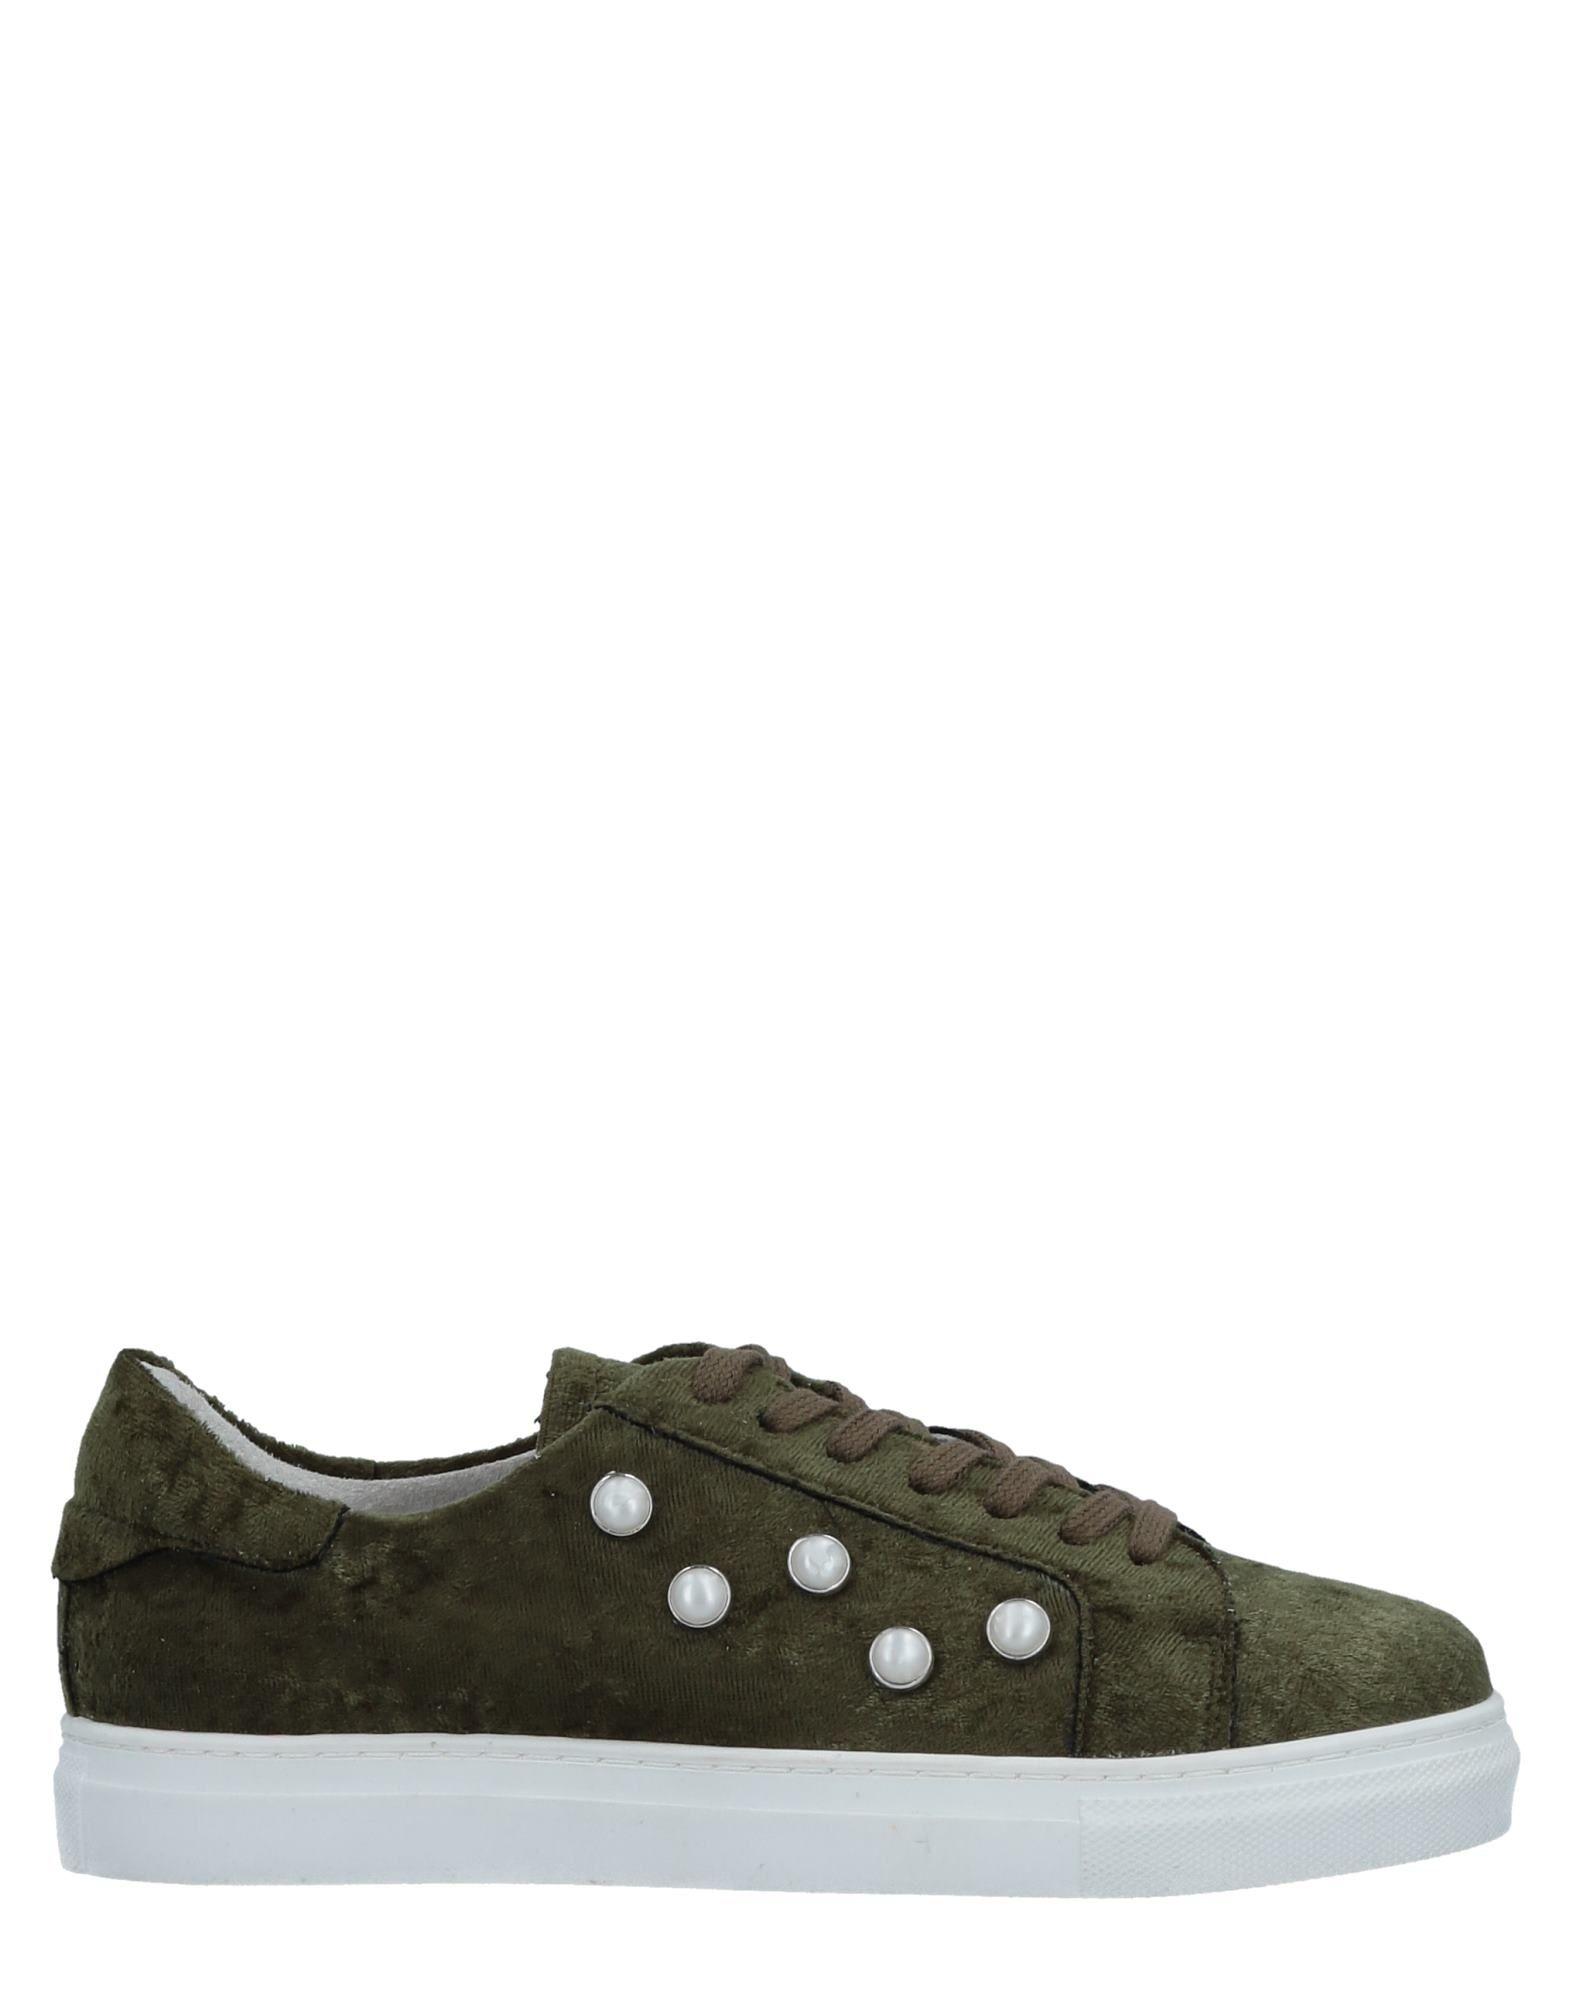 Bagatt Sneakers Damen  11515349GD Gute Qualität beliebte Schuhe